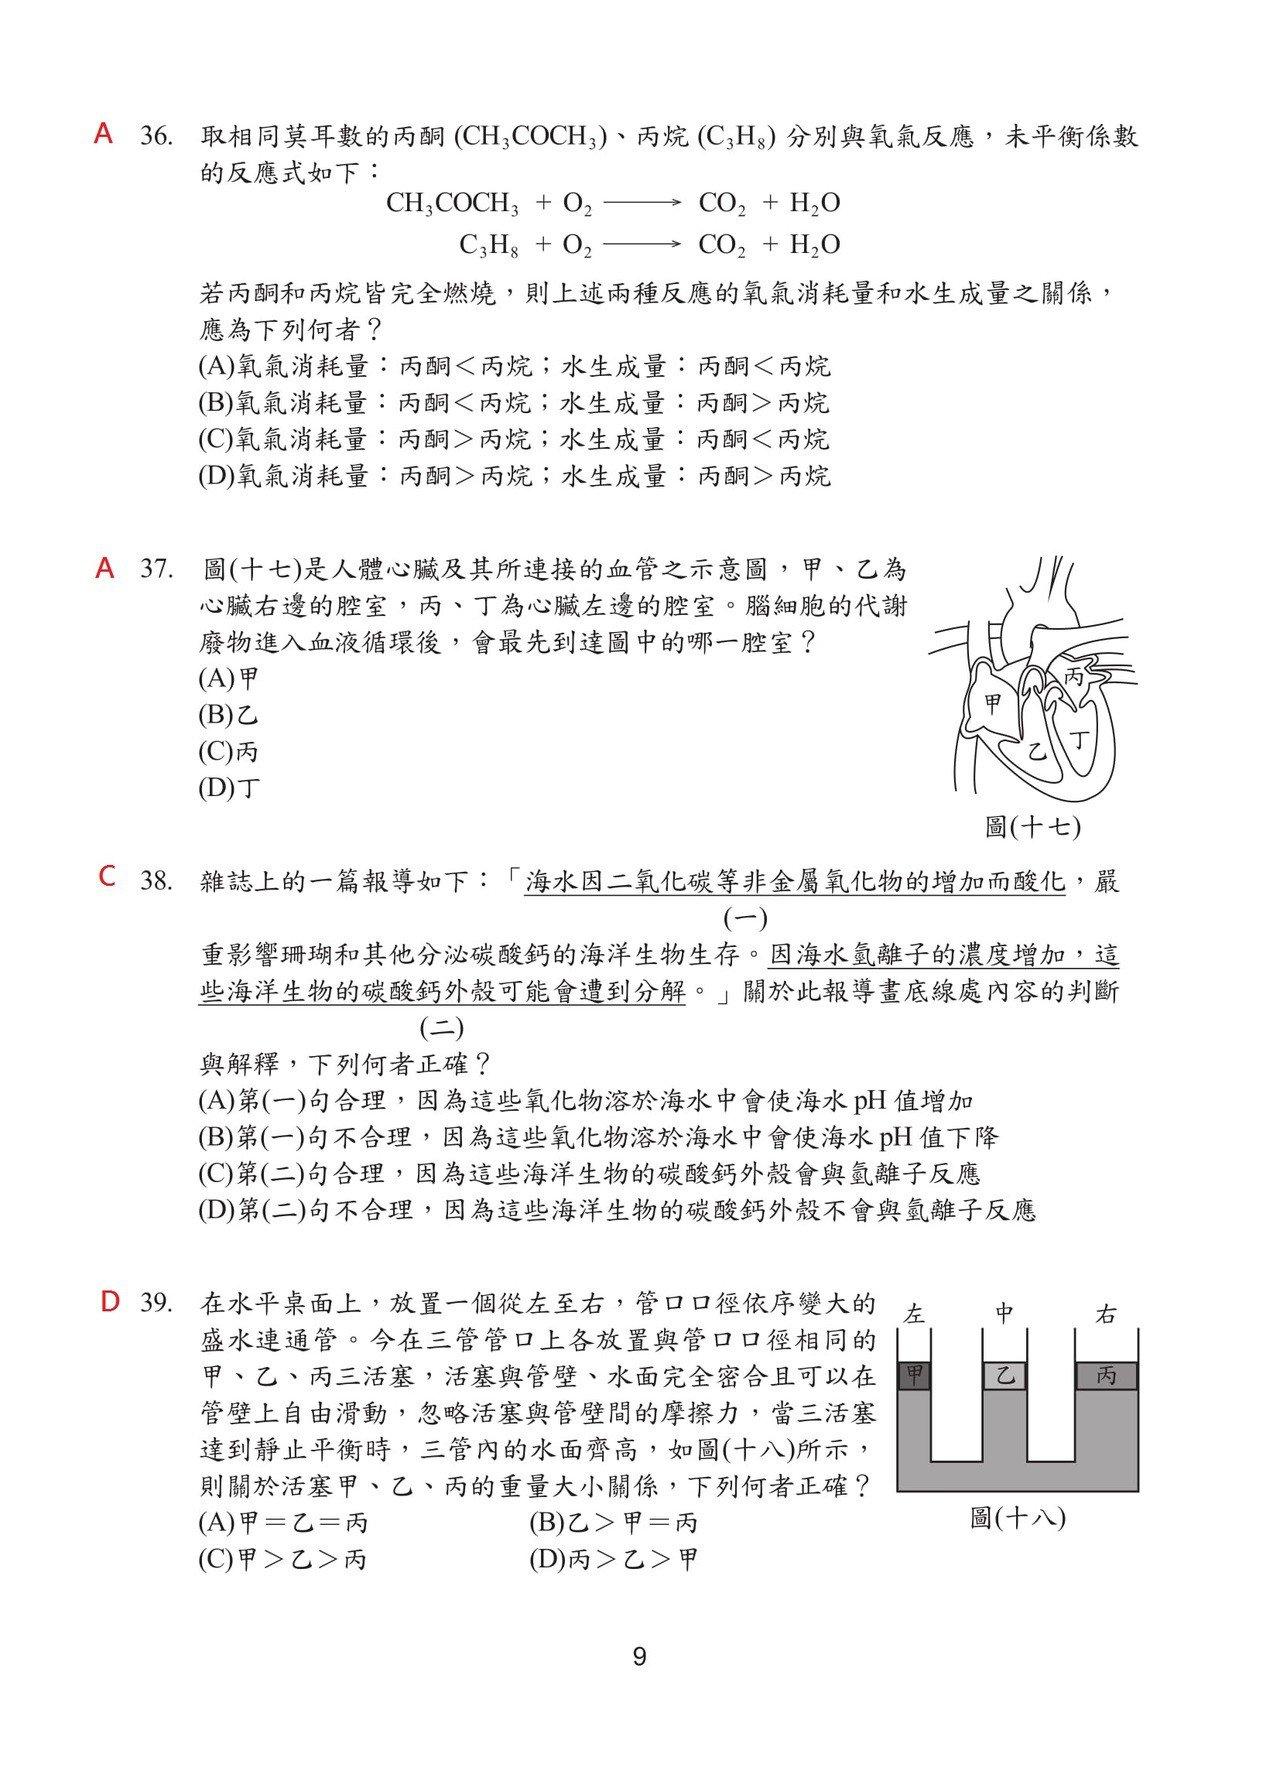 108國中會考自然科試題解答,第9頁。